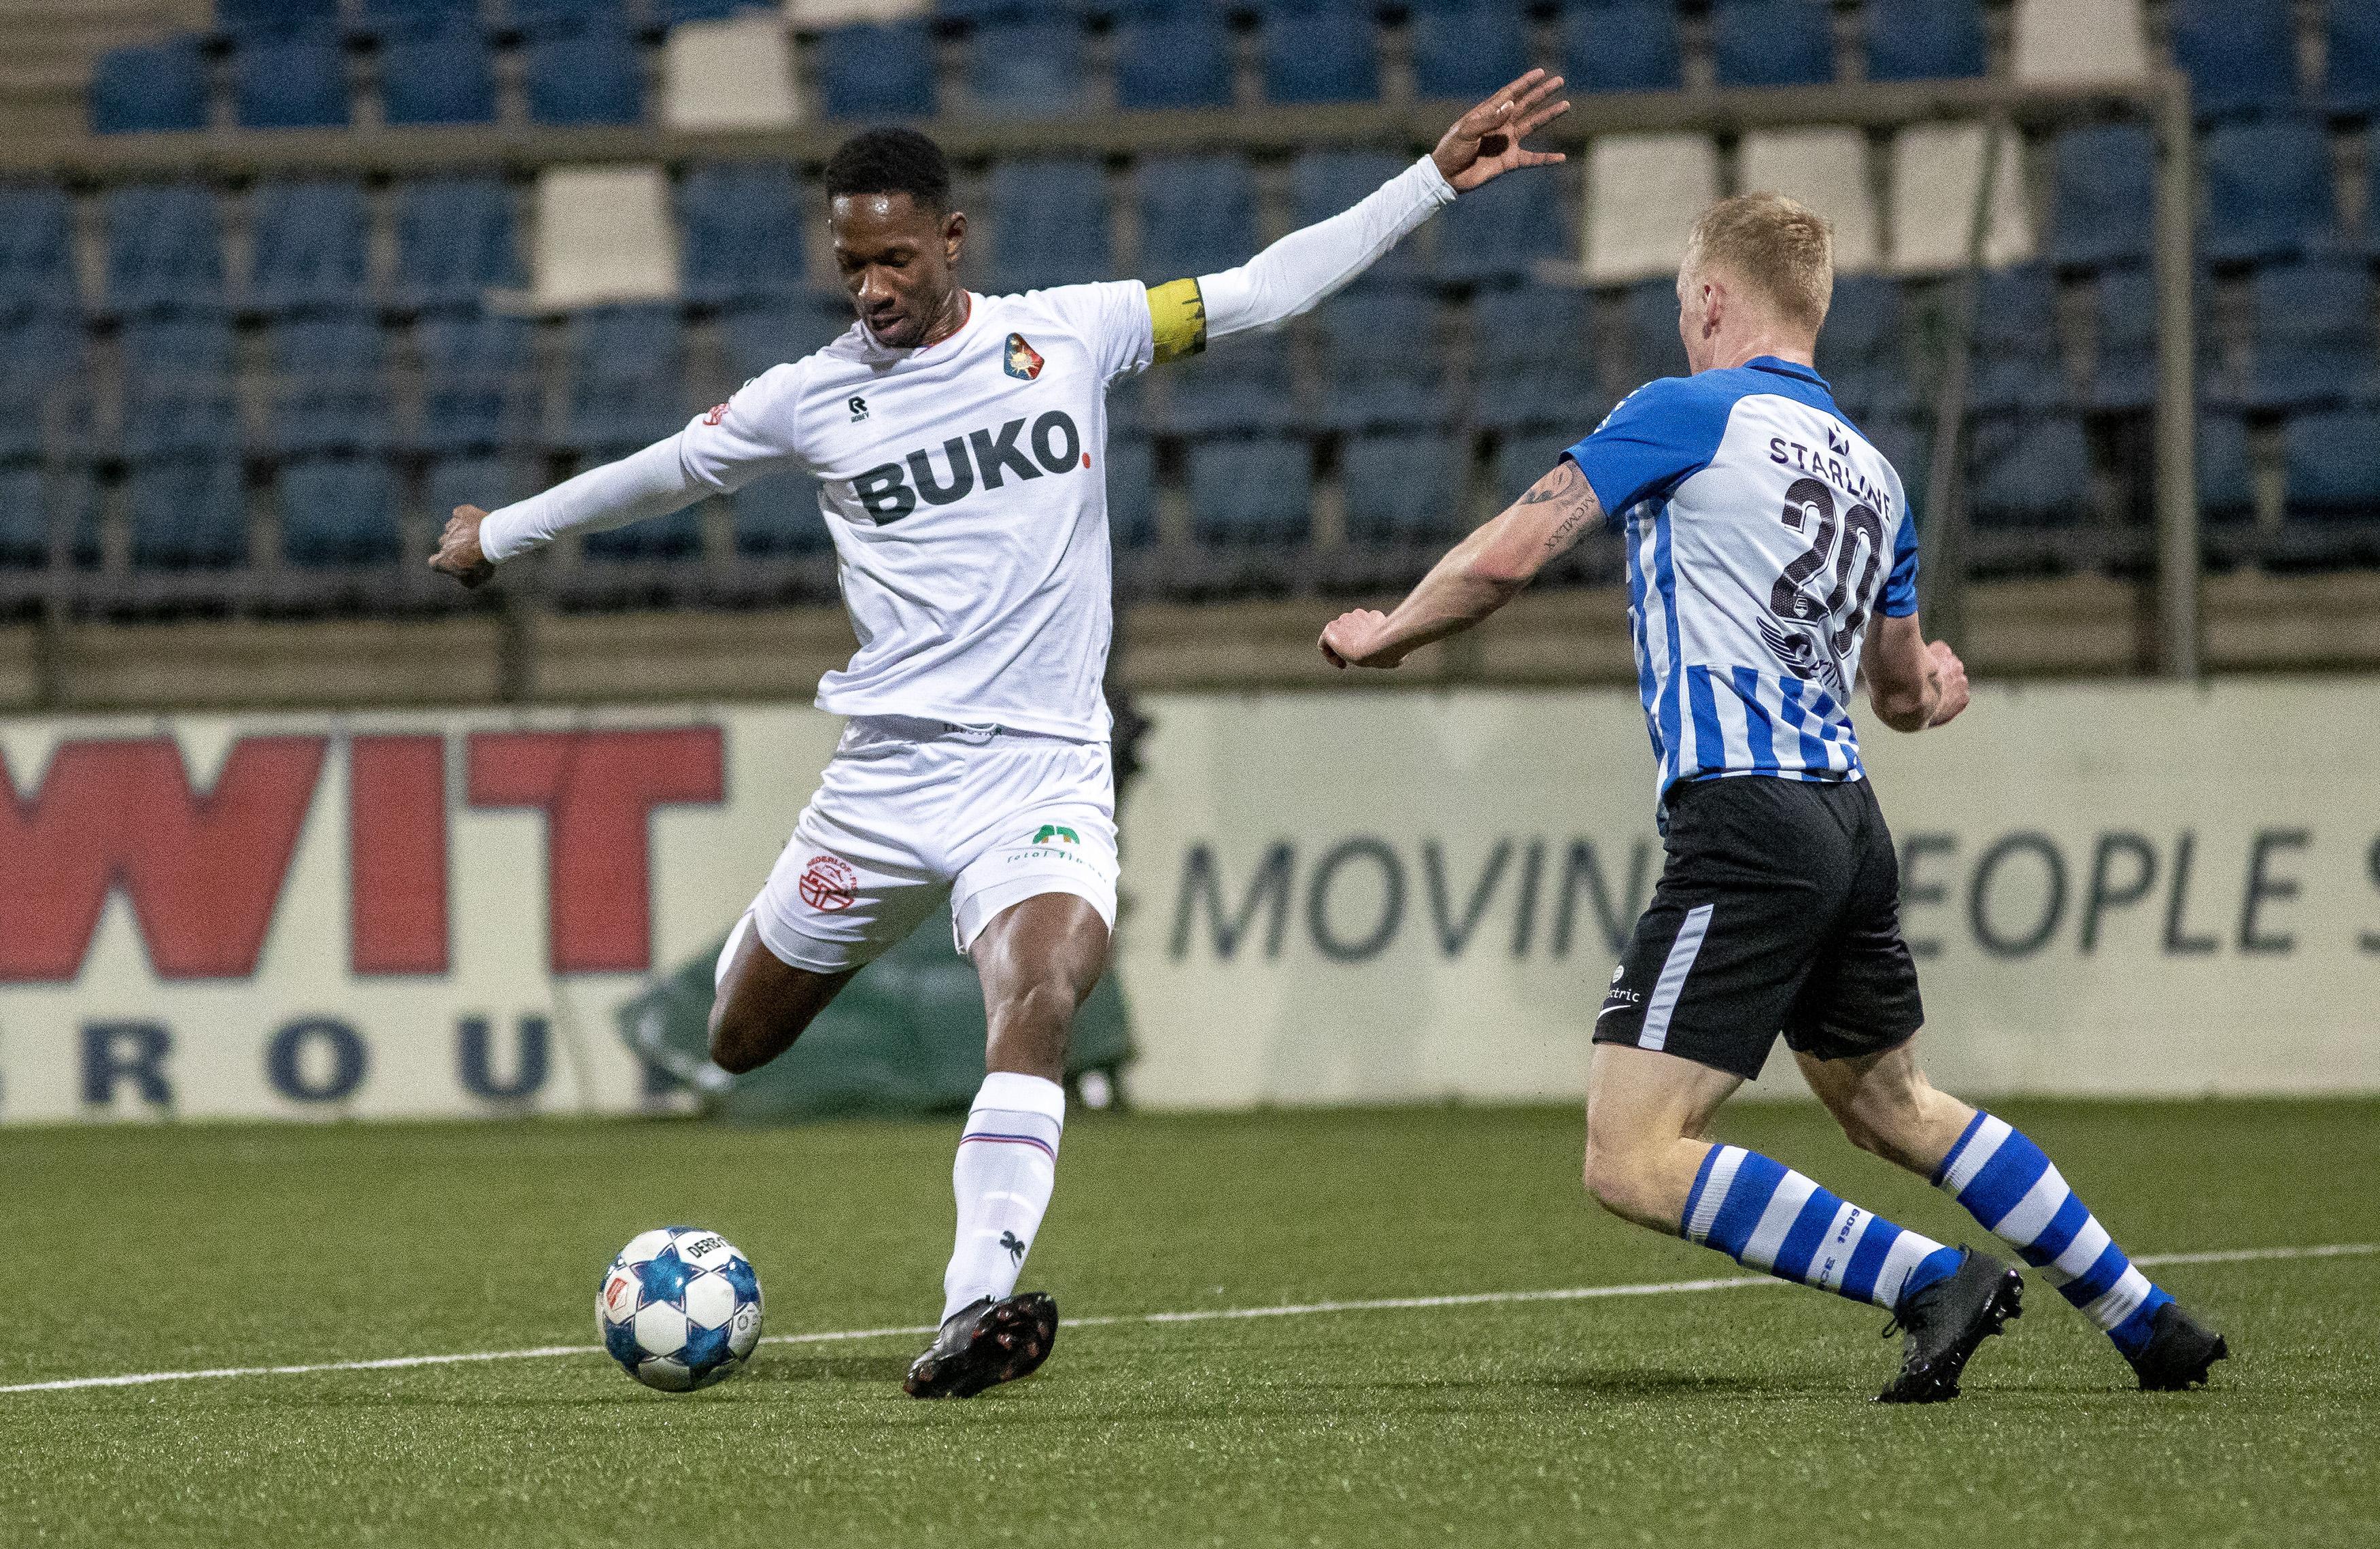 Telstar laat overwinning thuis diep in blessuretijd toch uit handen glippen: 1-1 tegen FC Eindhoven